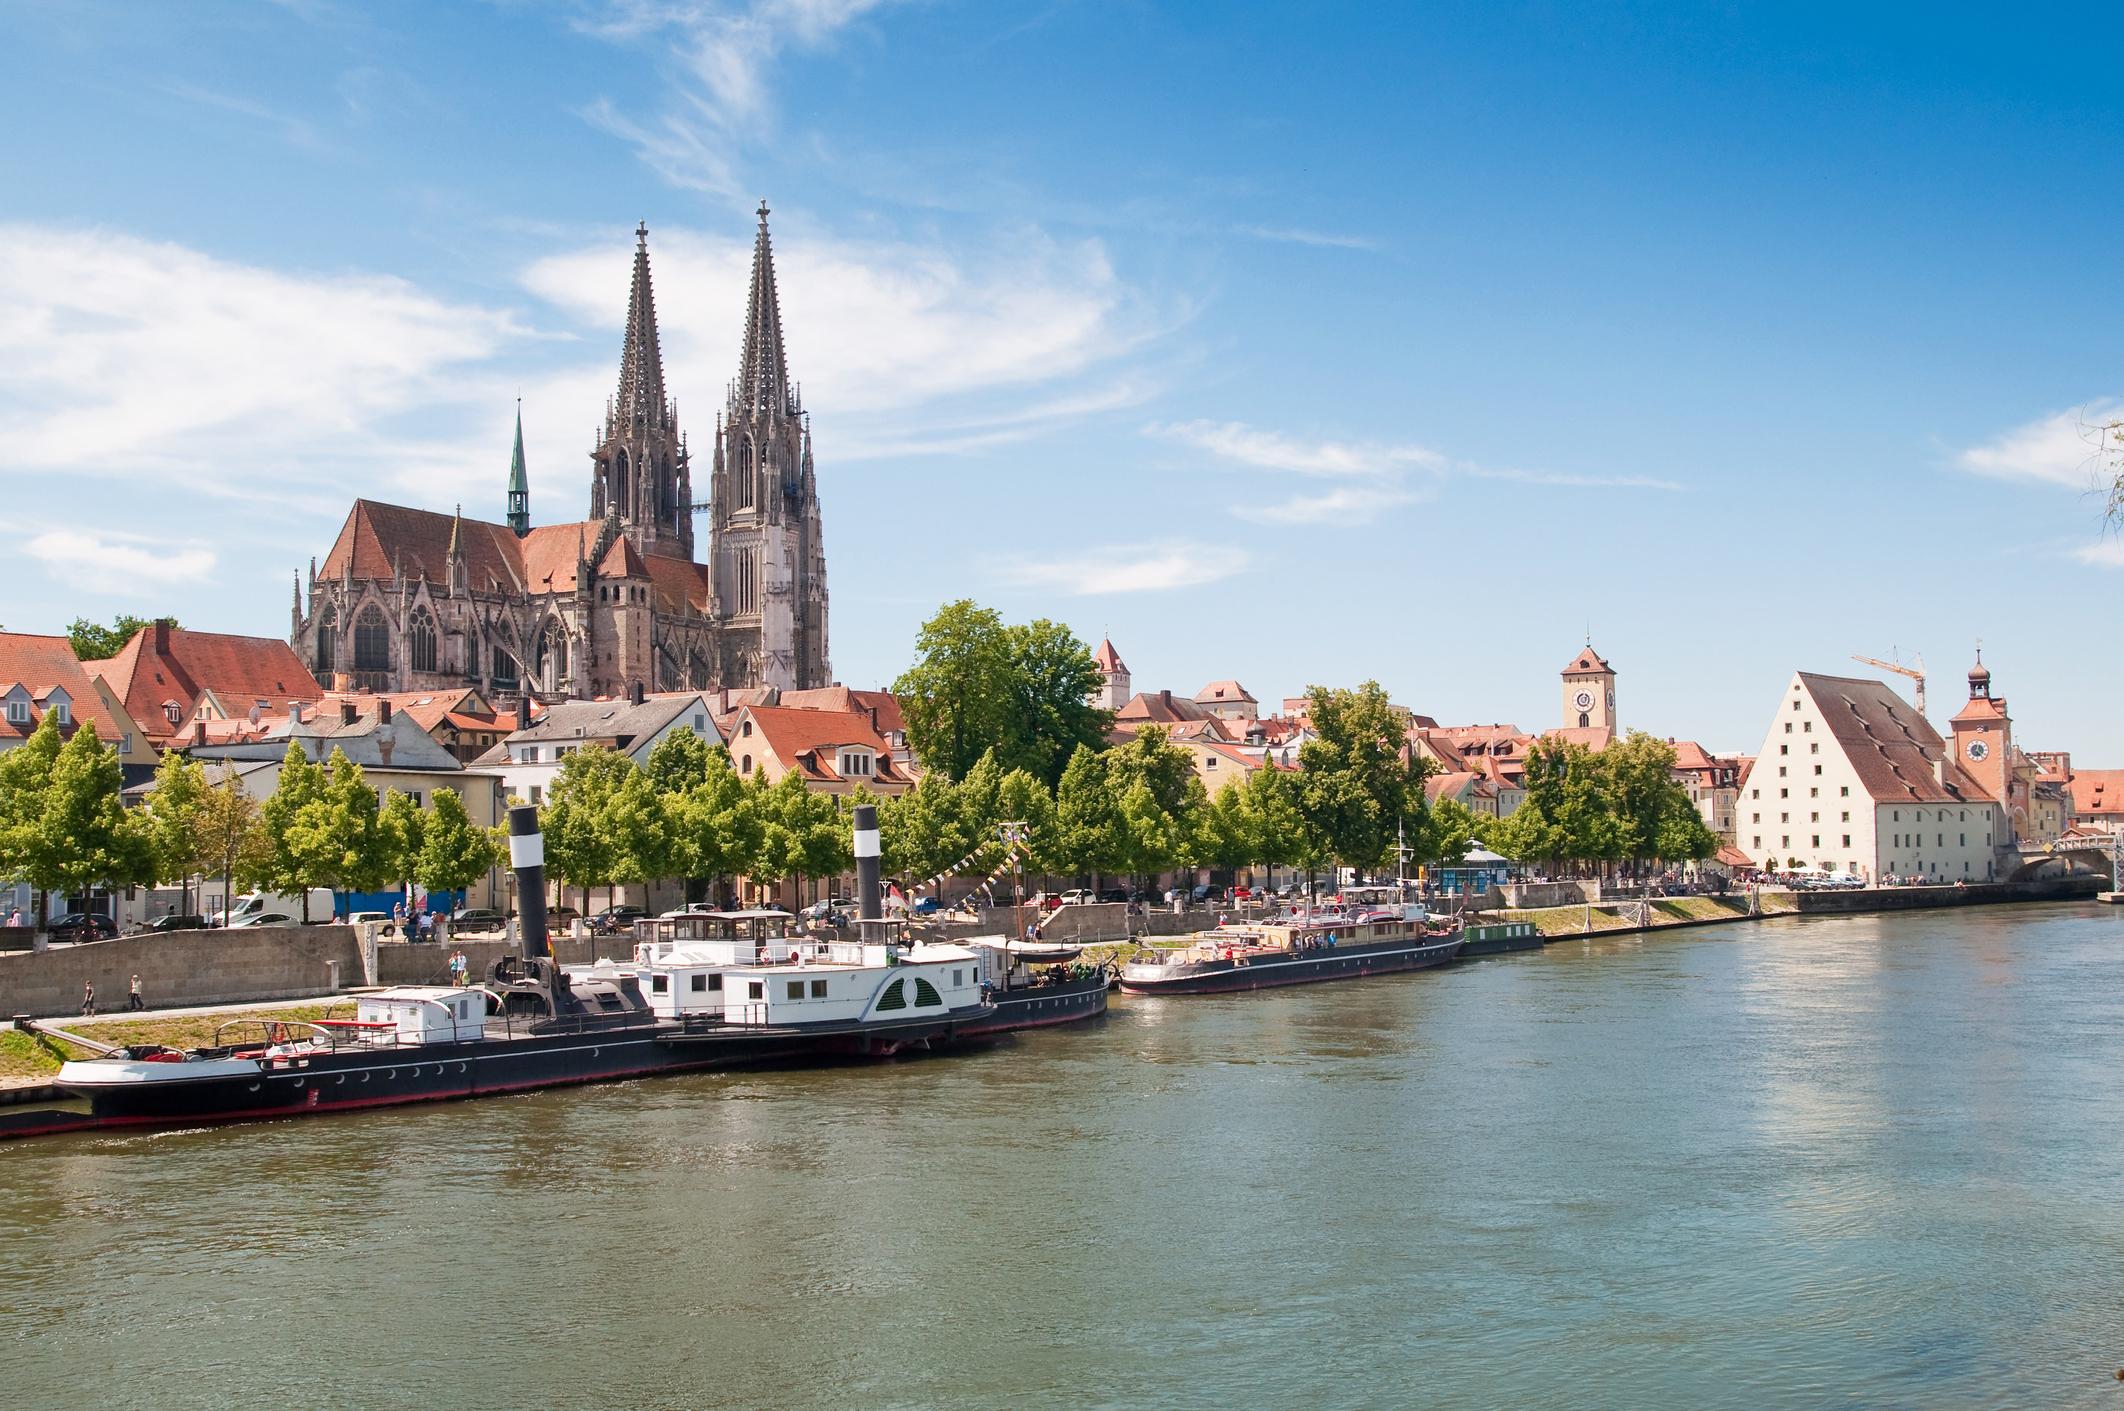 Germany-Bavaria-Charm-Town-Regensburg.jpg?mtime=20190228122038#asset:105028